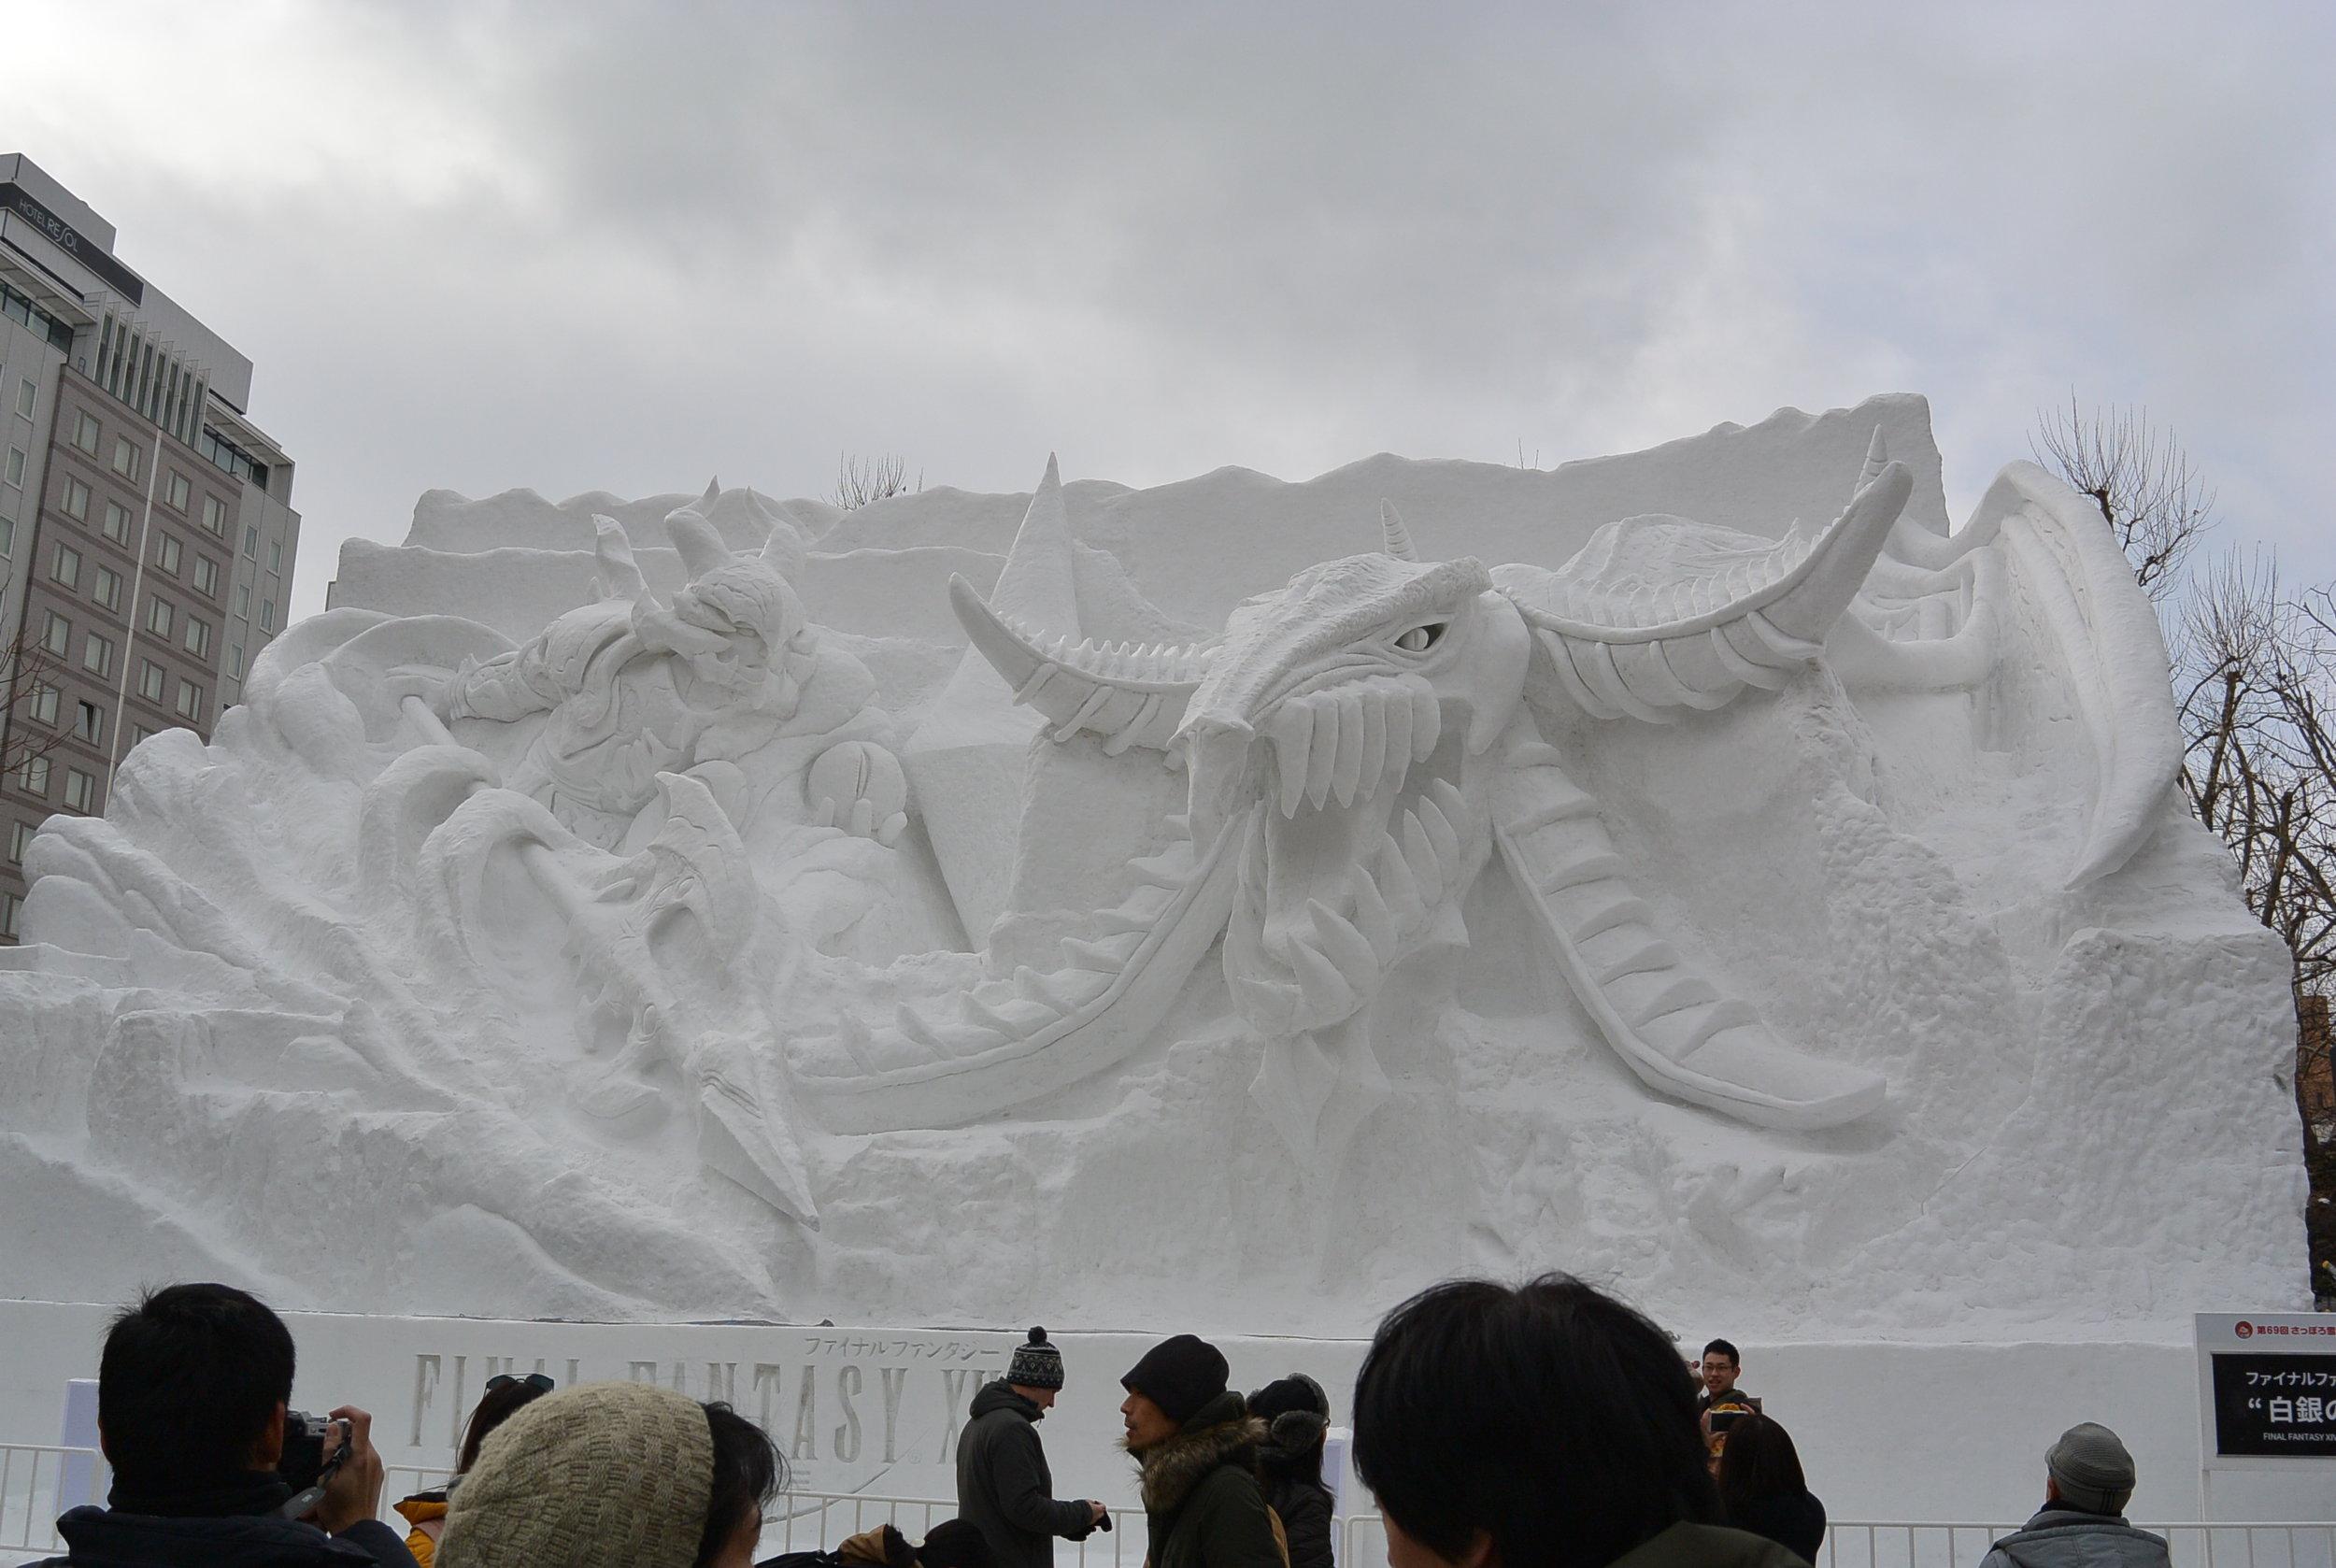 Day 3: Sapporo Snow Festival